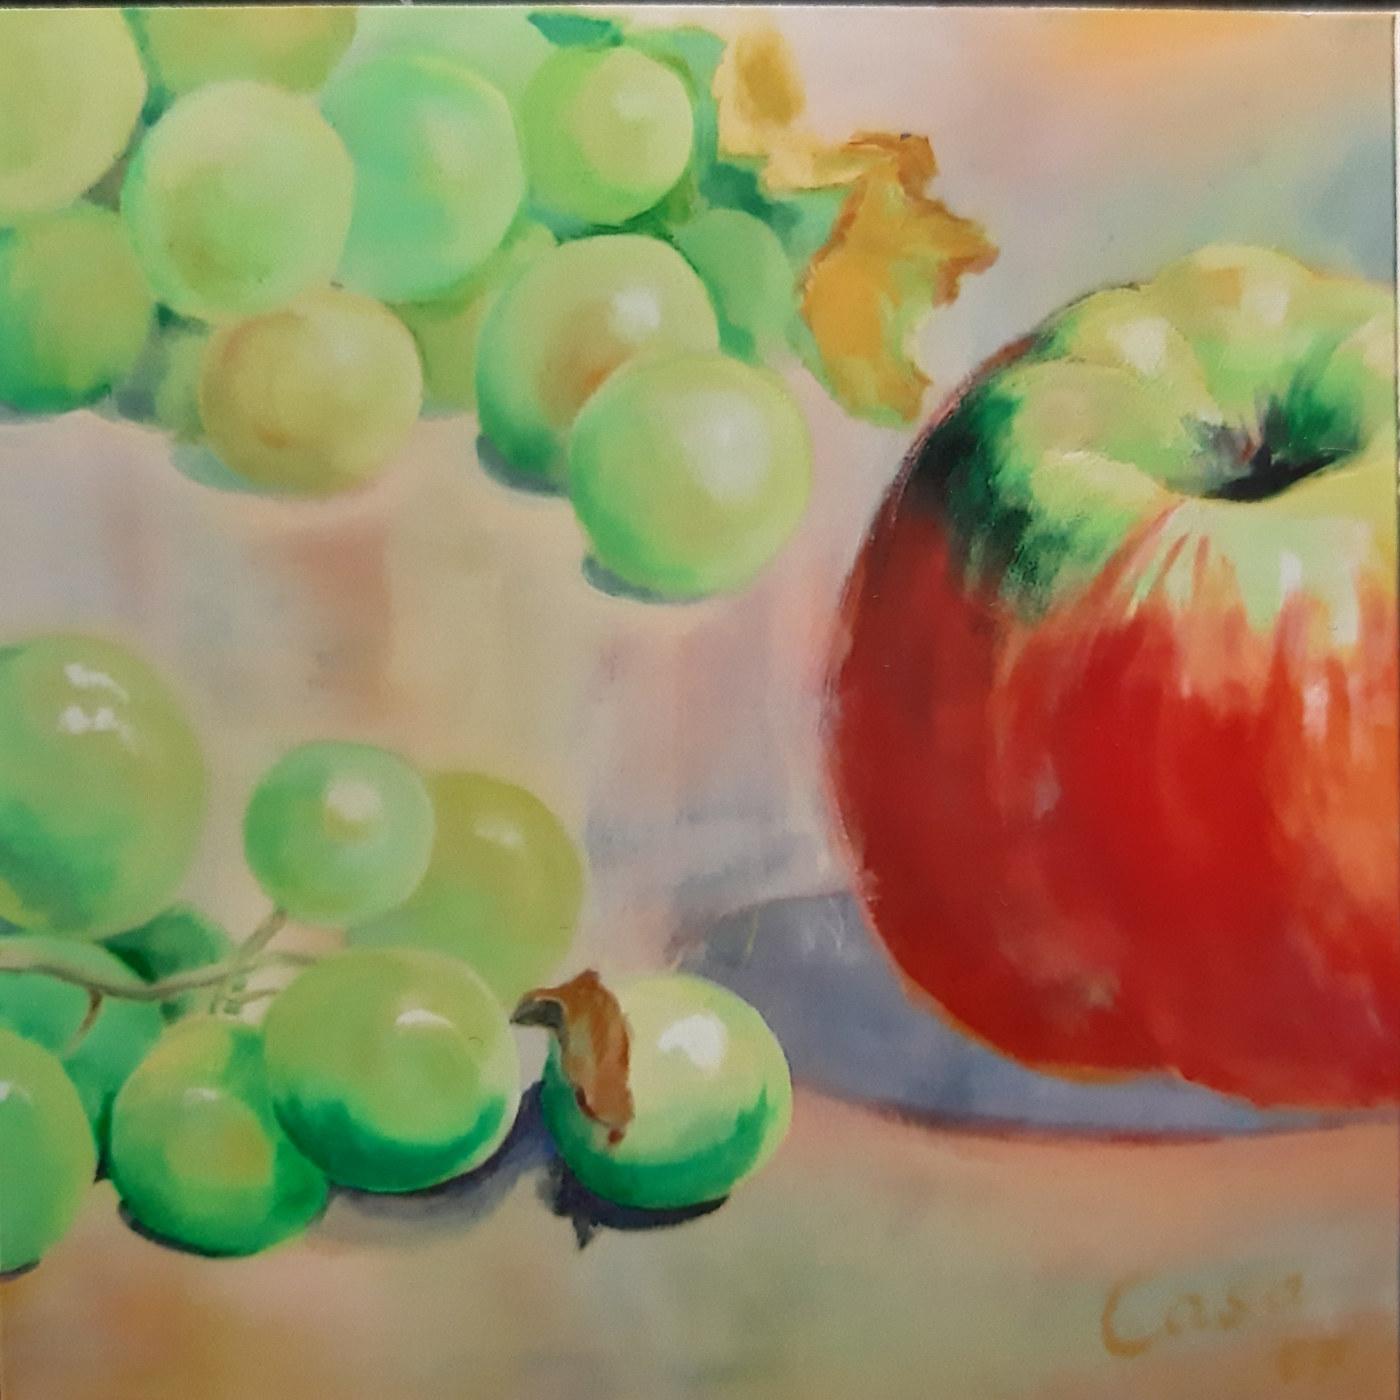 Apfel und Trauben - Acryl auf Leinwand - 70 x 70 cm